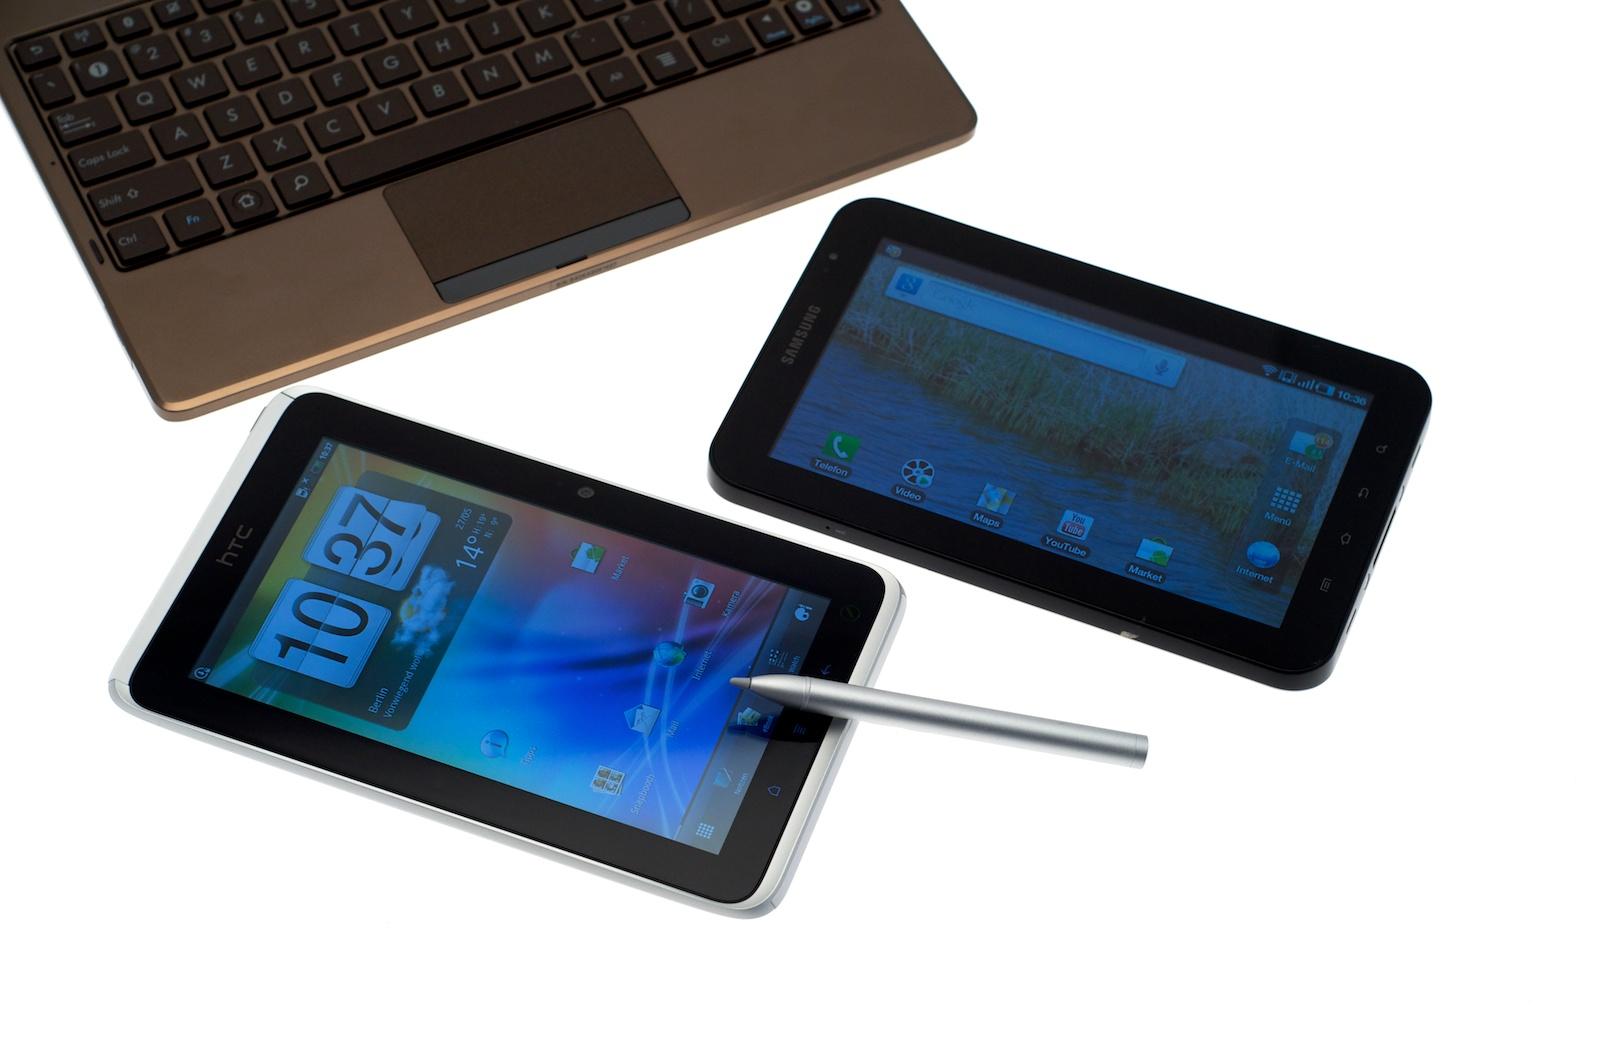 HTC Flyer im Test: Gelungenes Android-Tablet mit eigener Handschrift - HTCs Flyer im Vergleich zu anderen Tablets (Bilder: Andreas Sebayang)